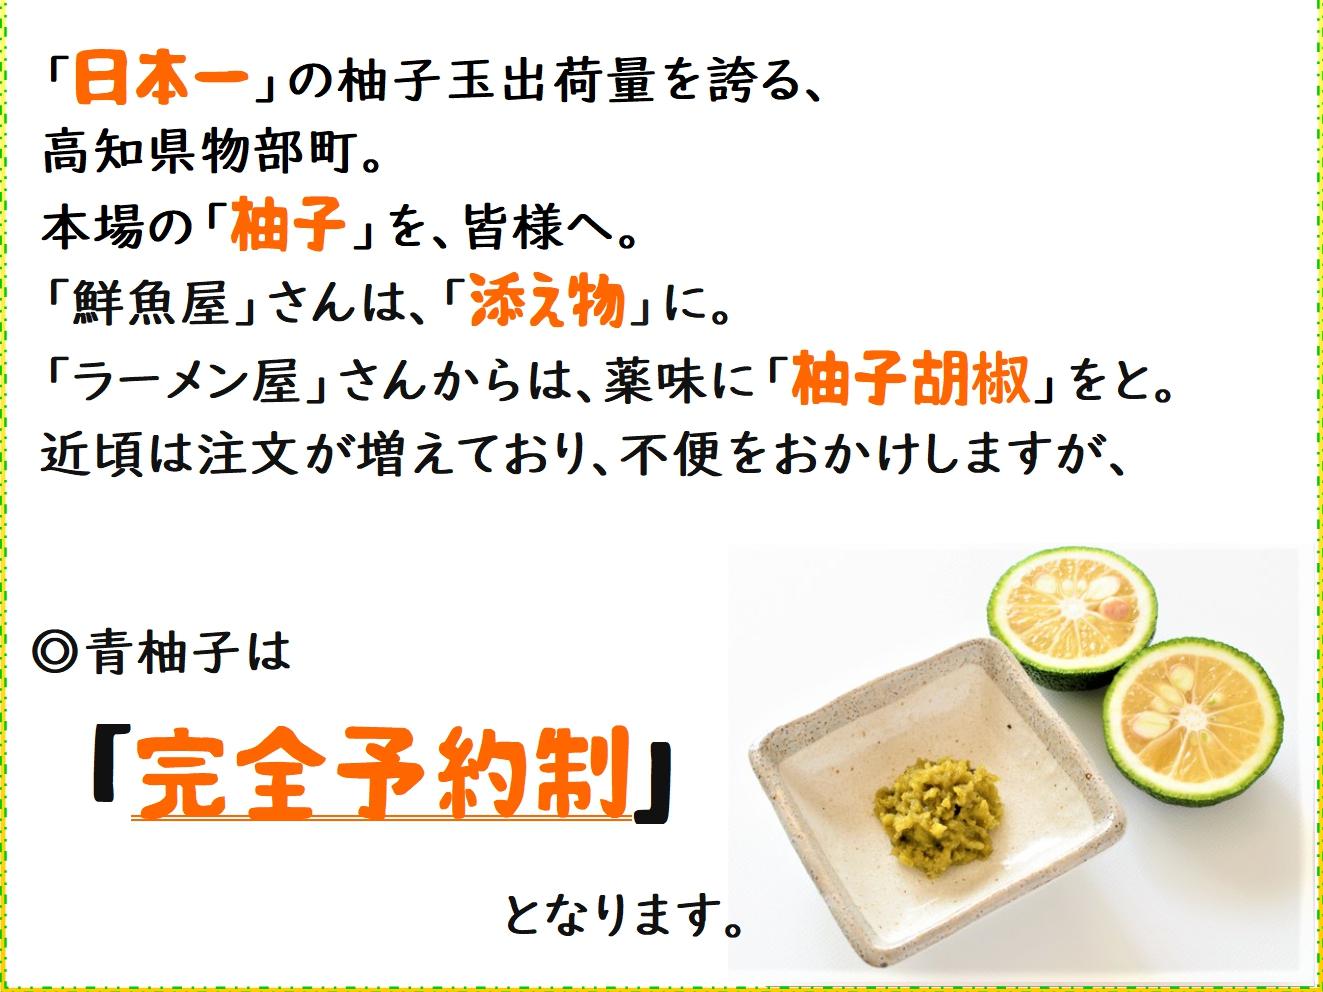 aoyuzu902.jpg